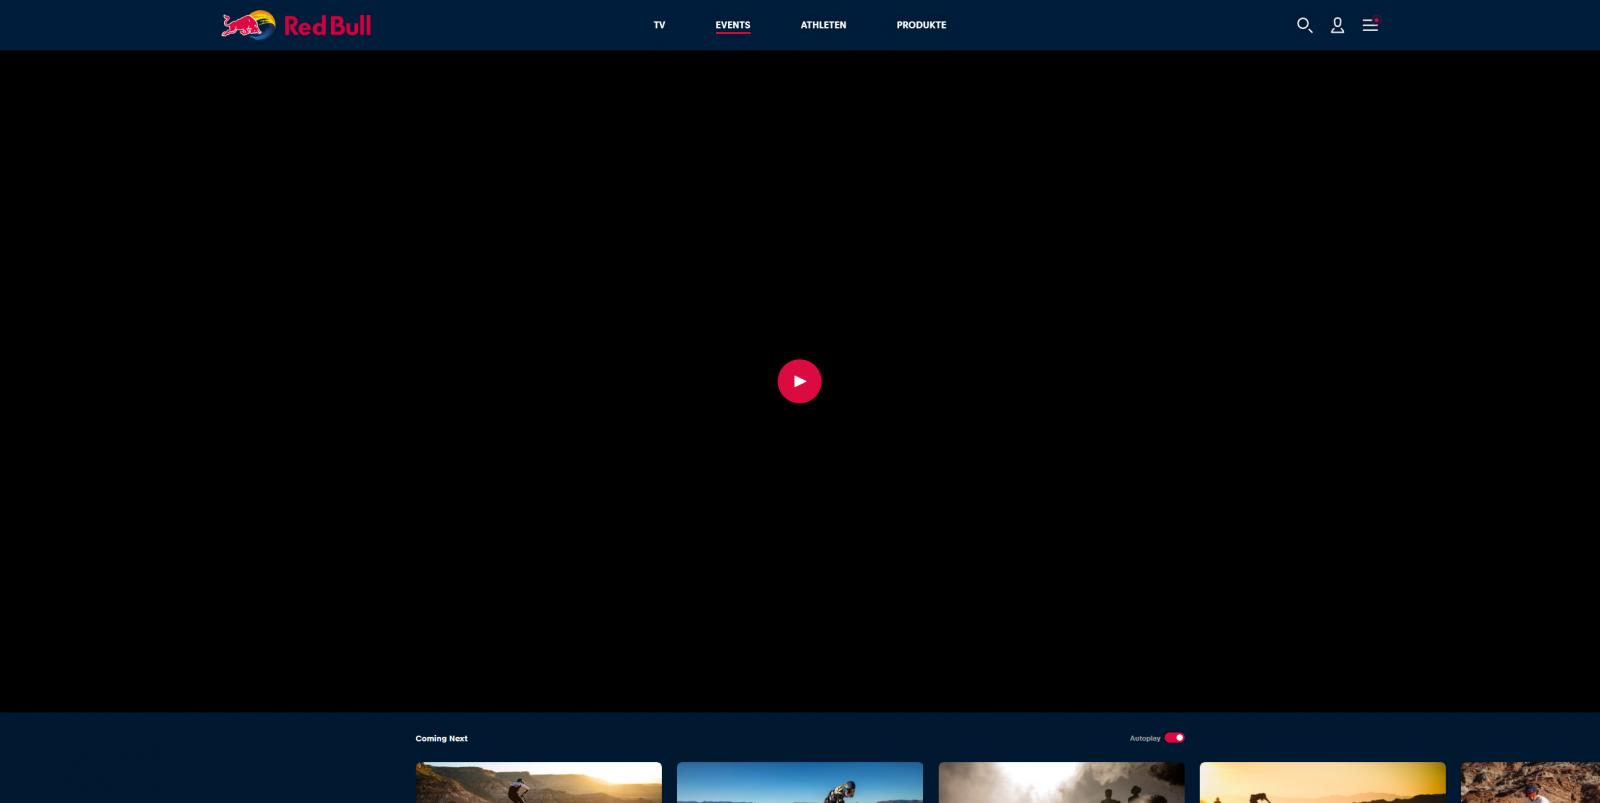 Screenshot_2019-10-25 Red Bull verleiht Flügel - RedBull com.png